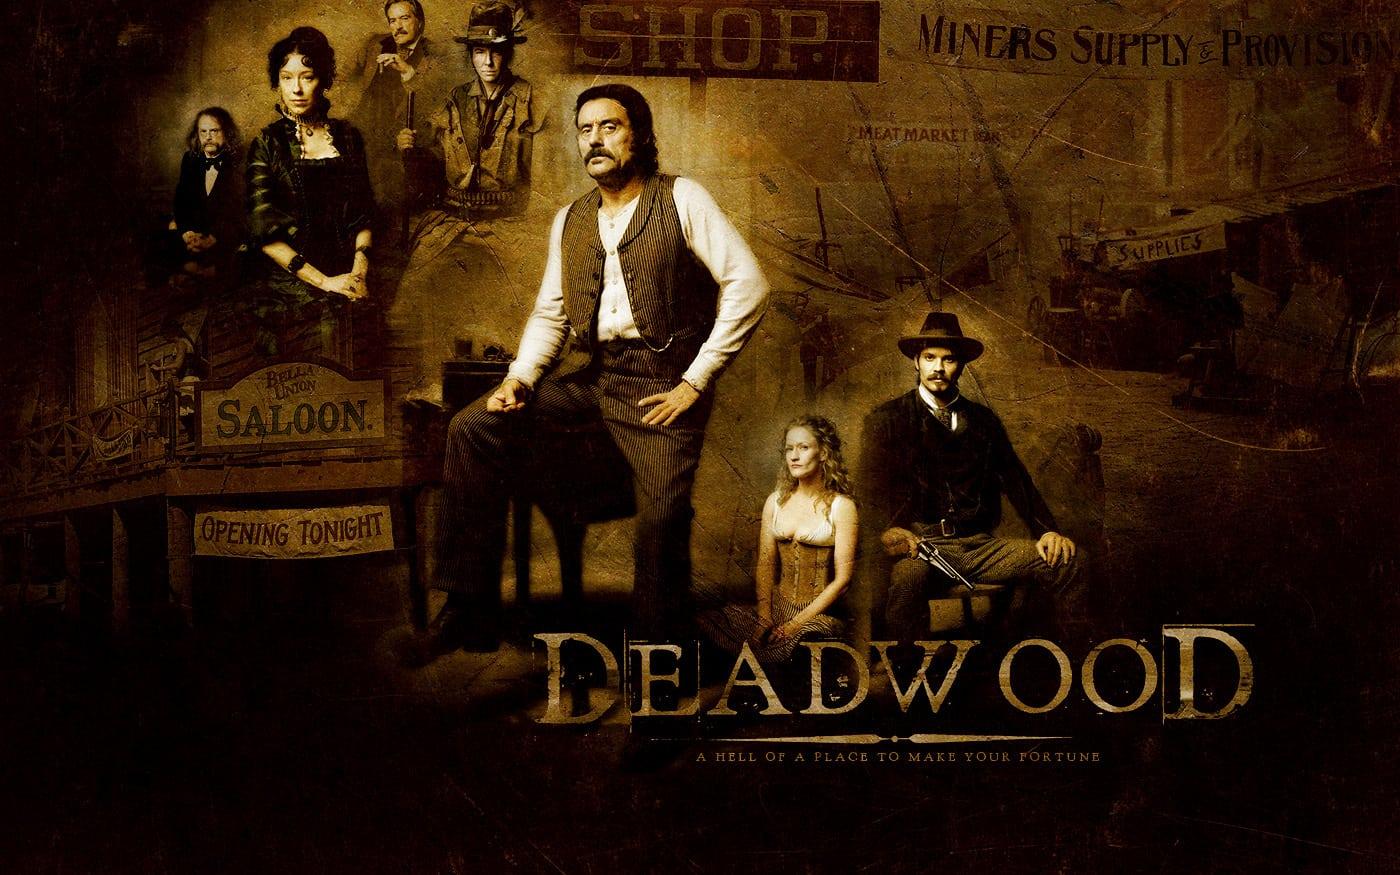 La estrella de Deadwood comenta sobre el guión de